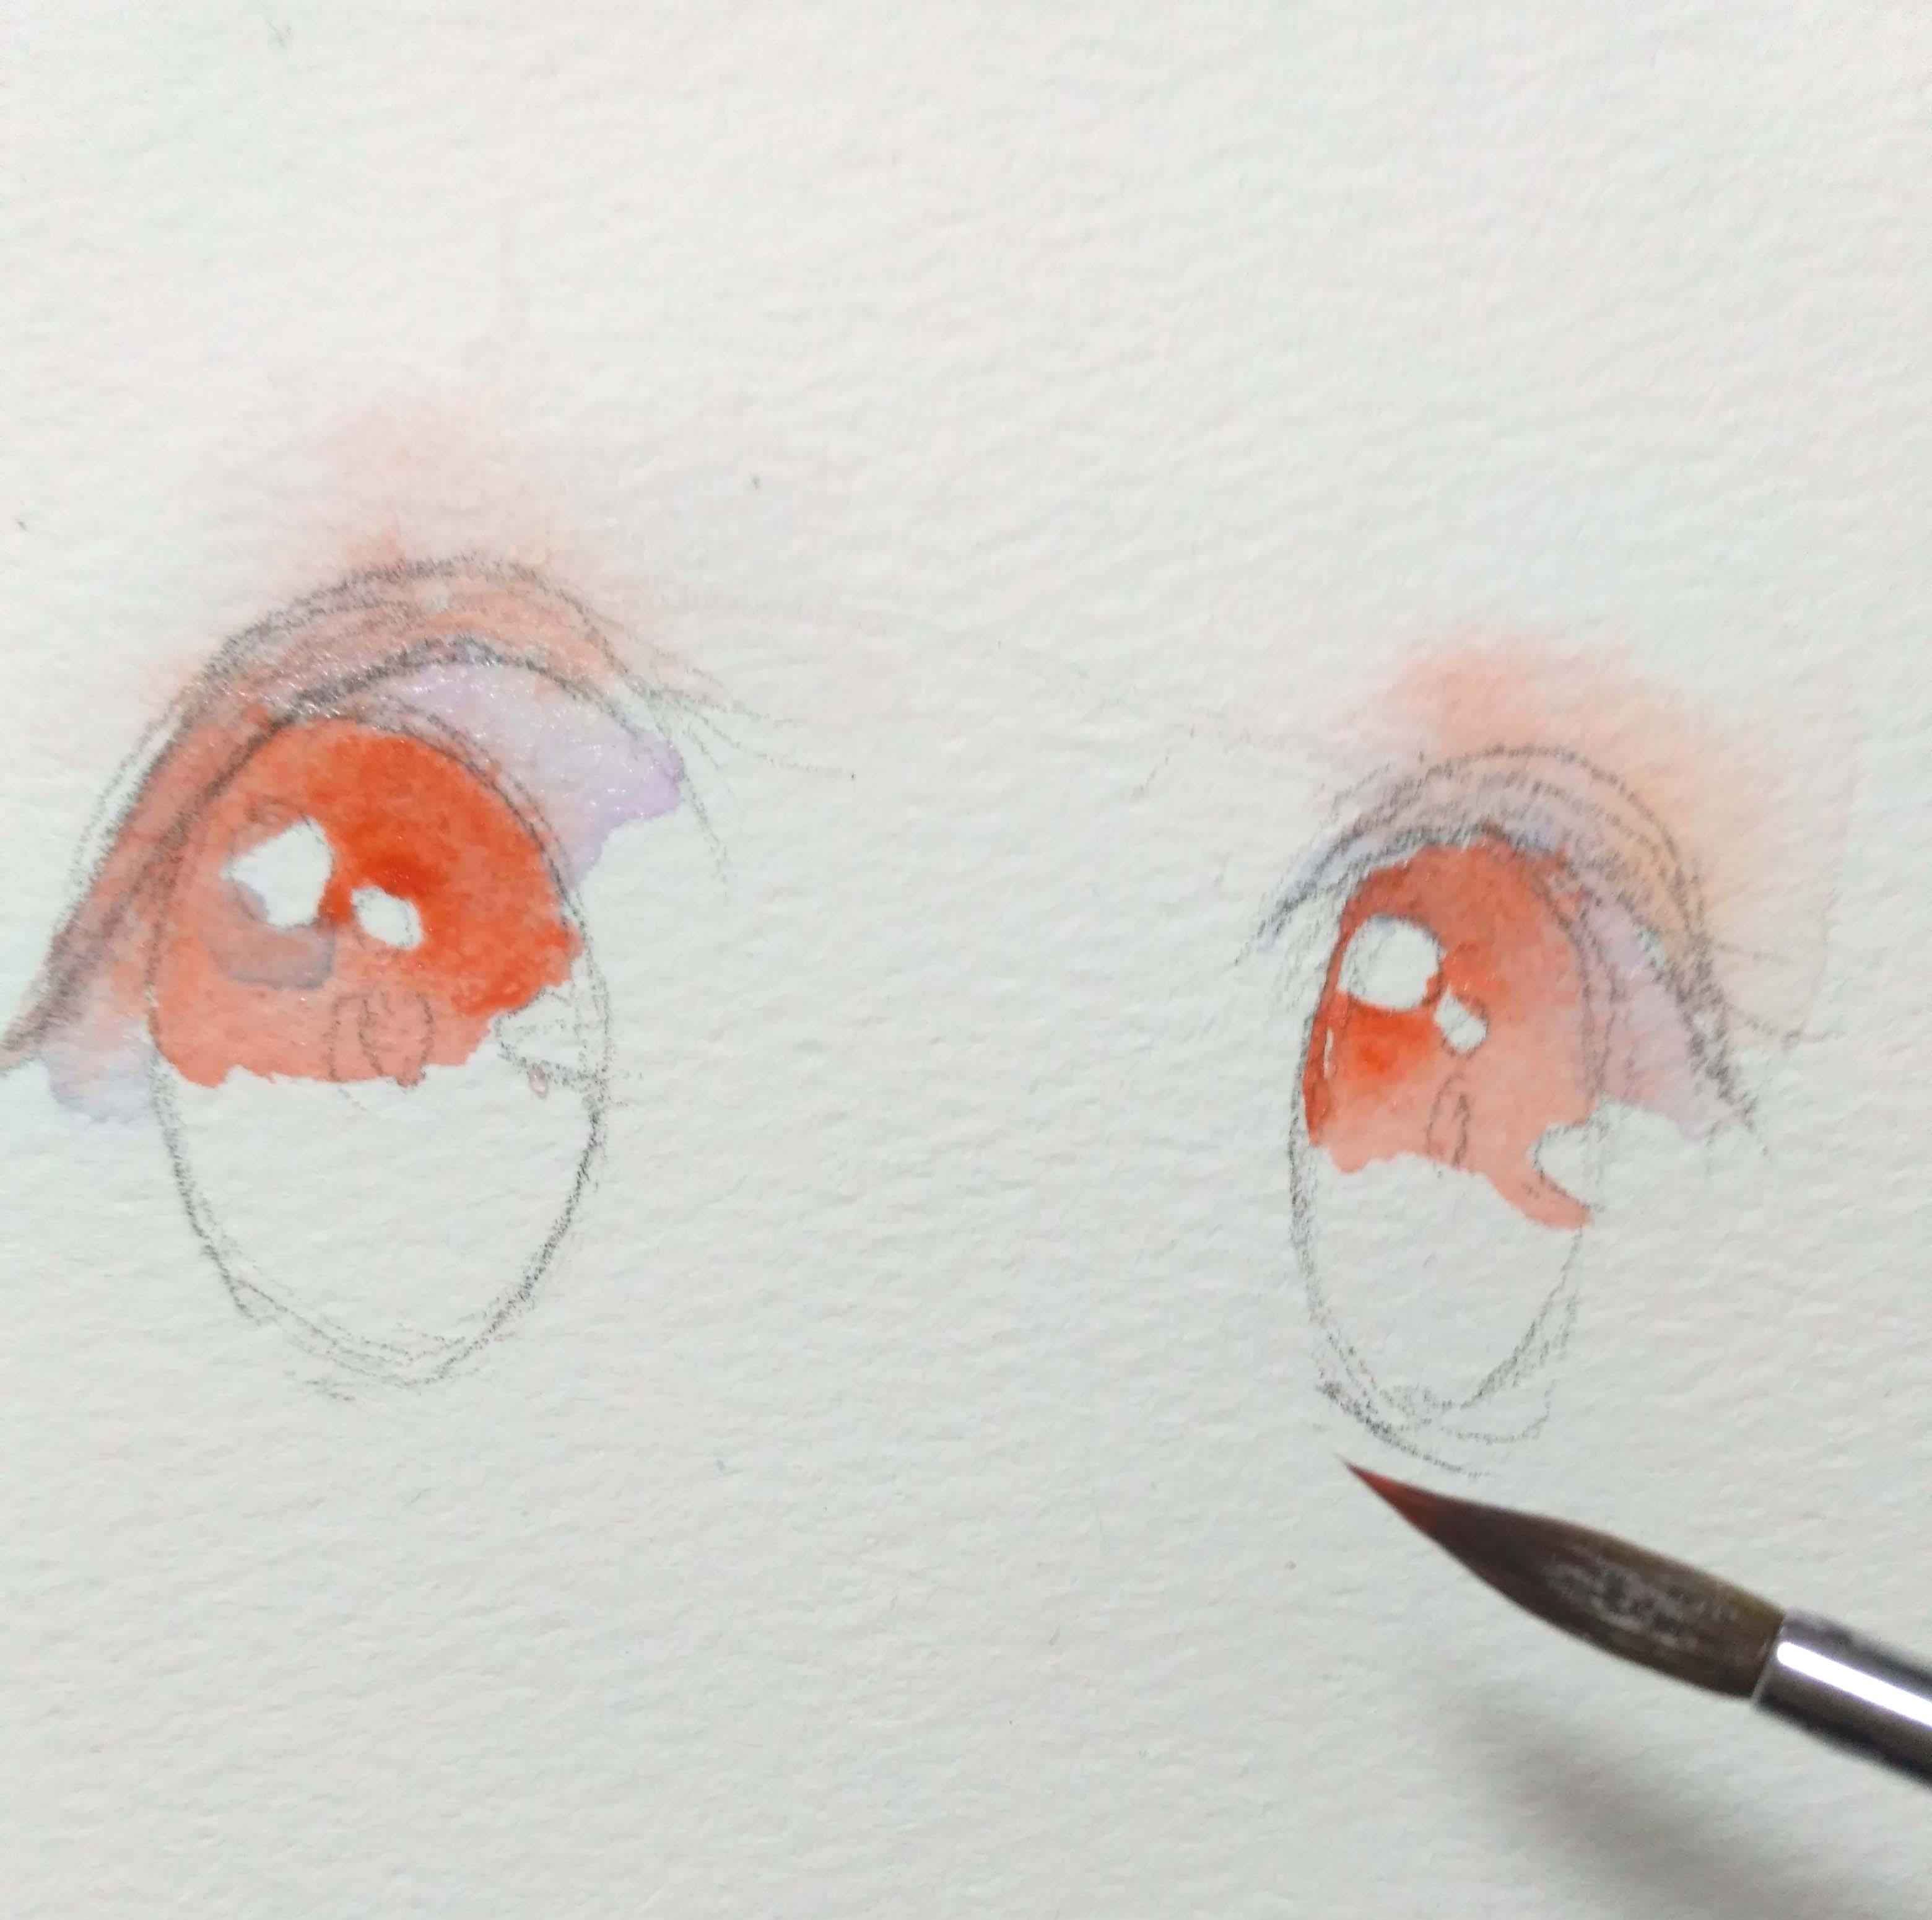 手绘动漫水彩眼睛